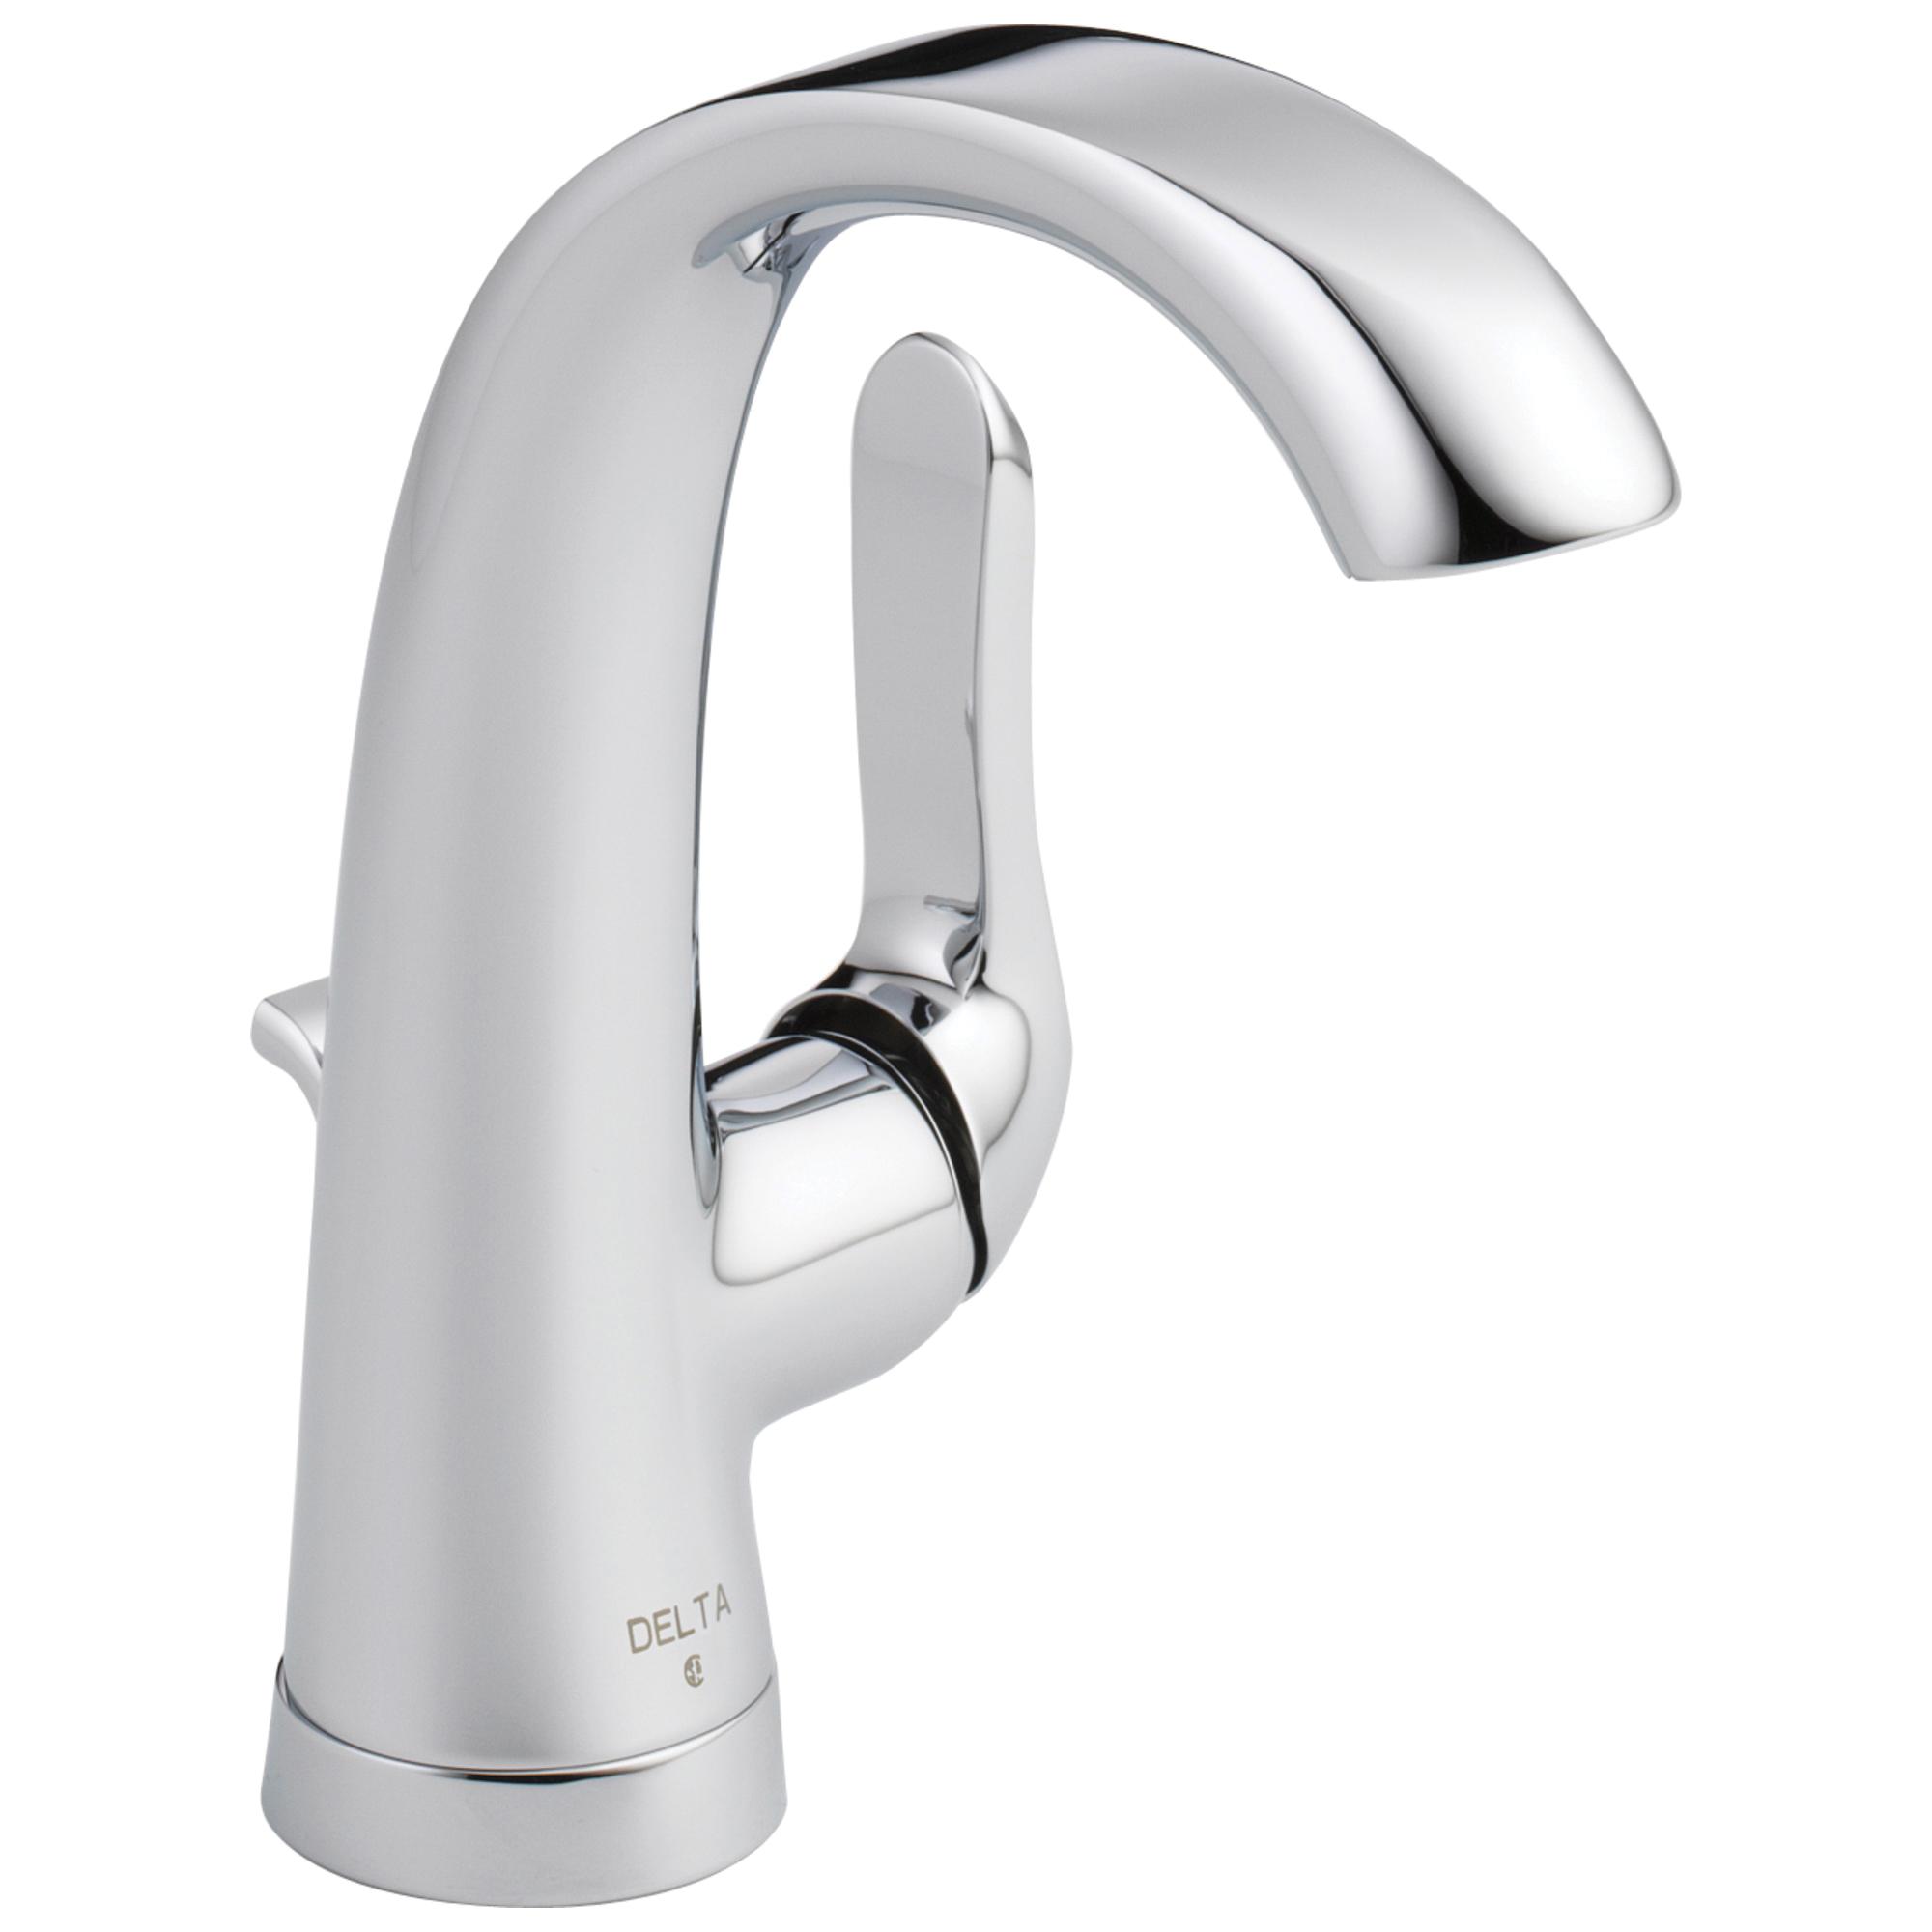 DELTA® 15714LF-ECO Centerset Lavatory Faucet, Soline™, Chrome Plated, 1 Handles, Plastic Pop-Up Drain, 1.2 gpm